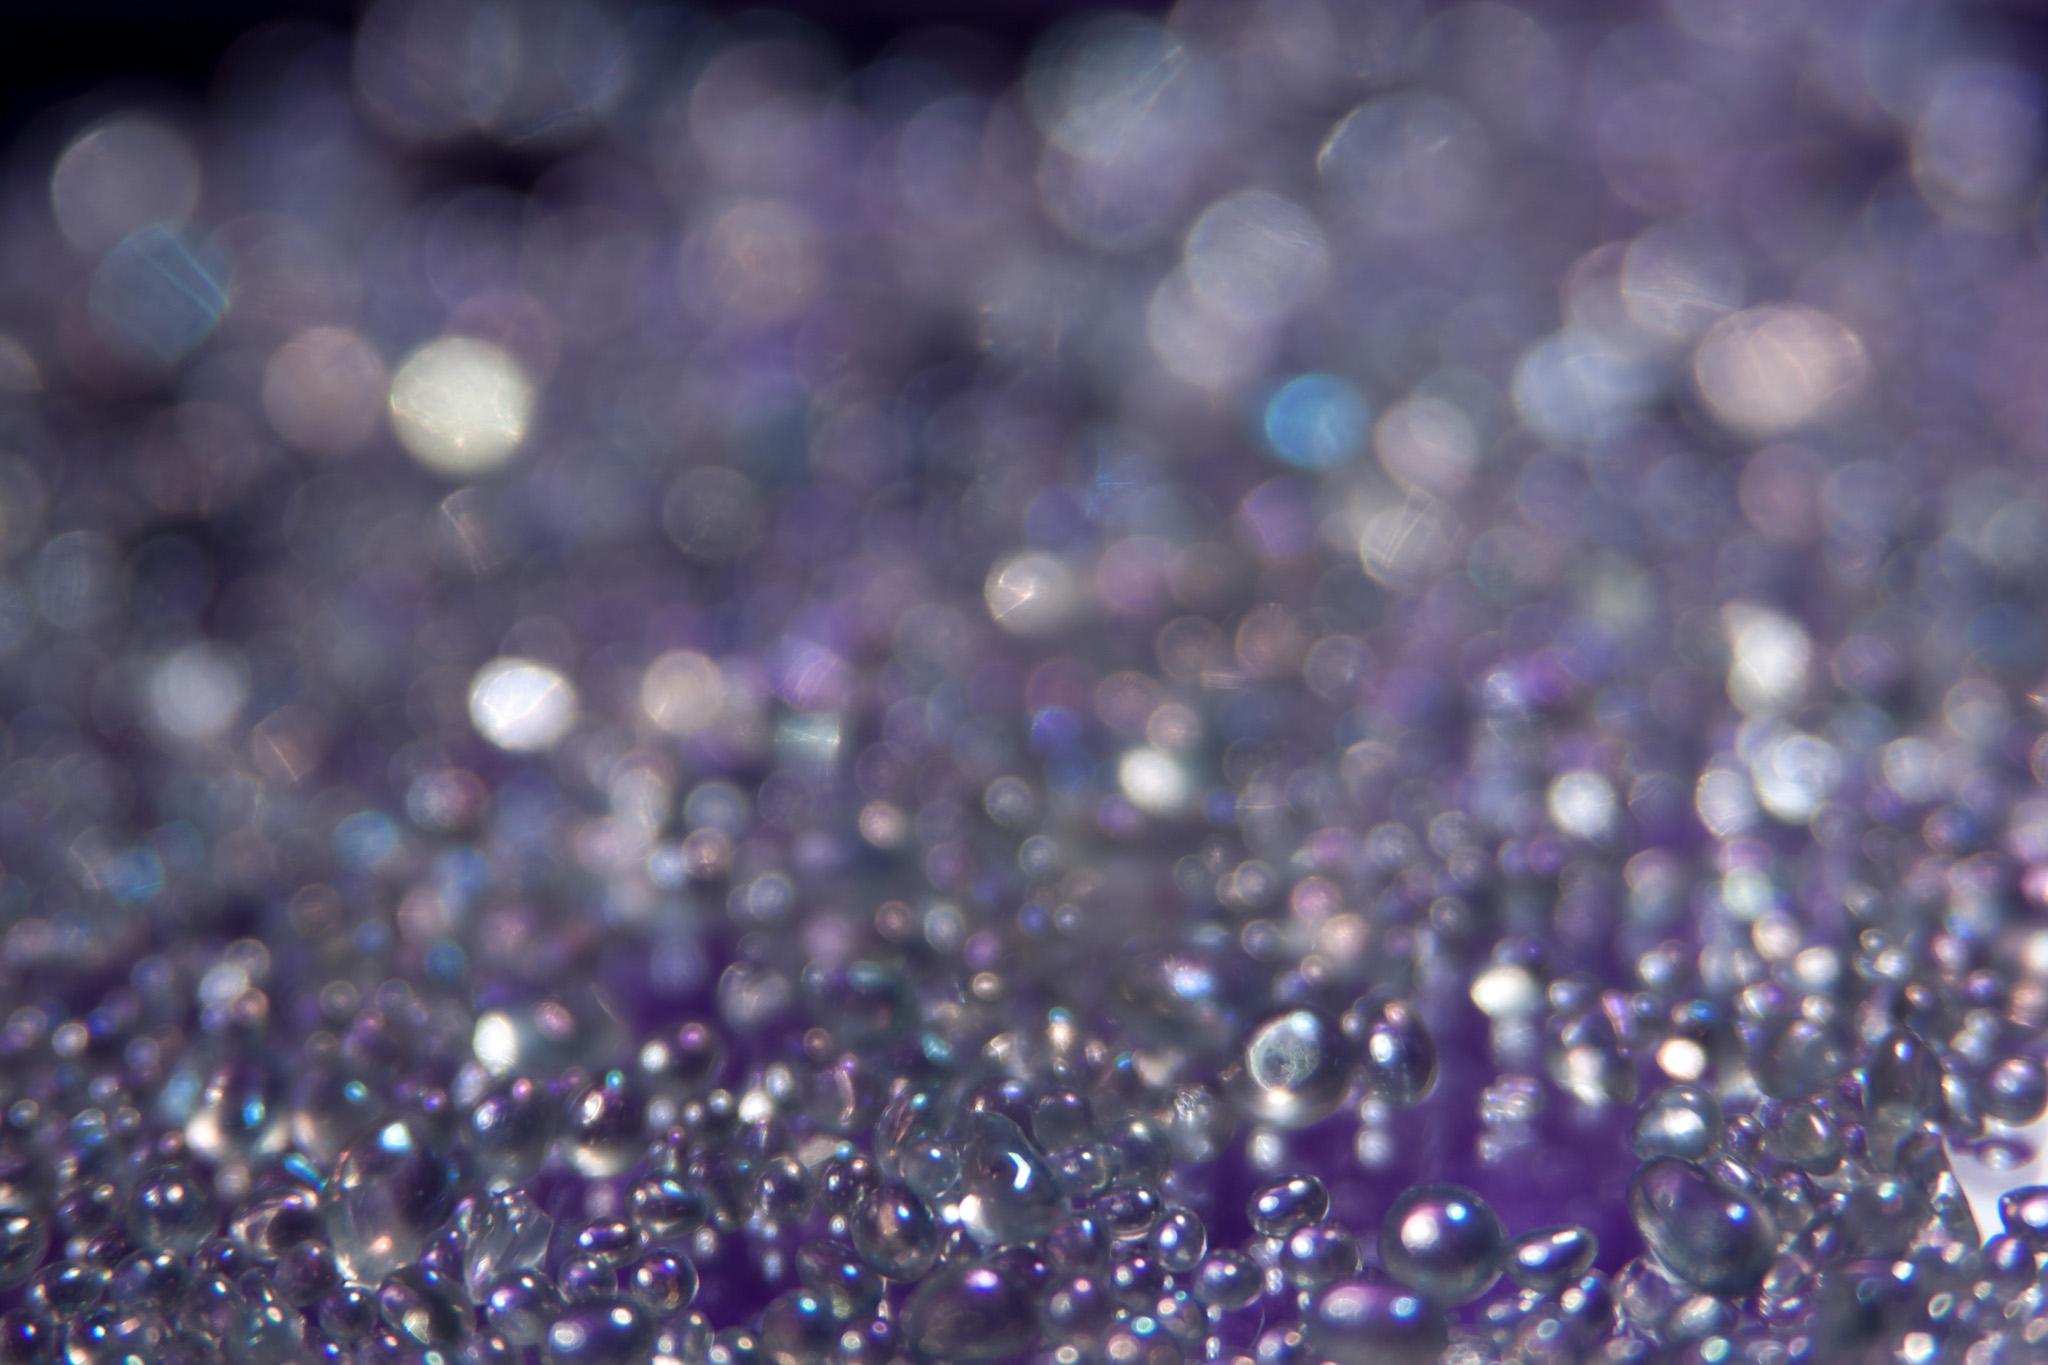 「紫色の宝石のような背景」の素材を無料ダウンロード